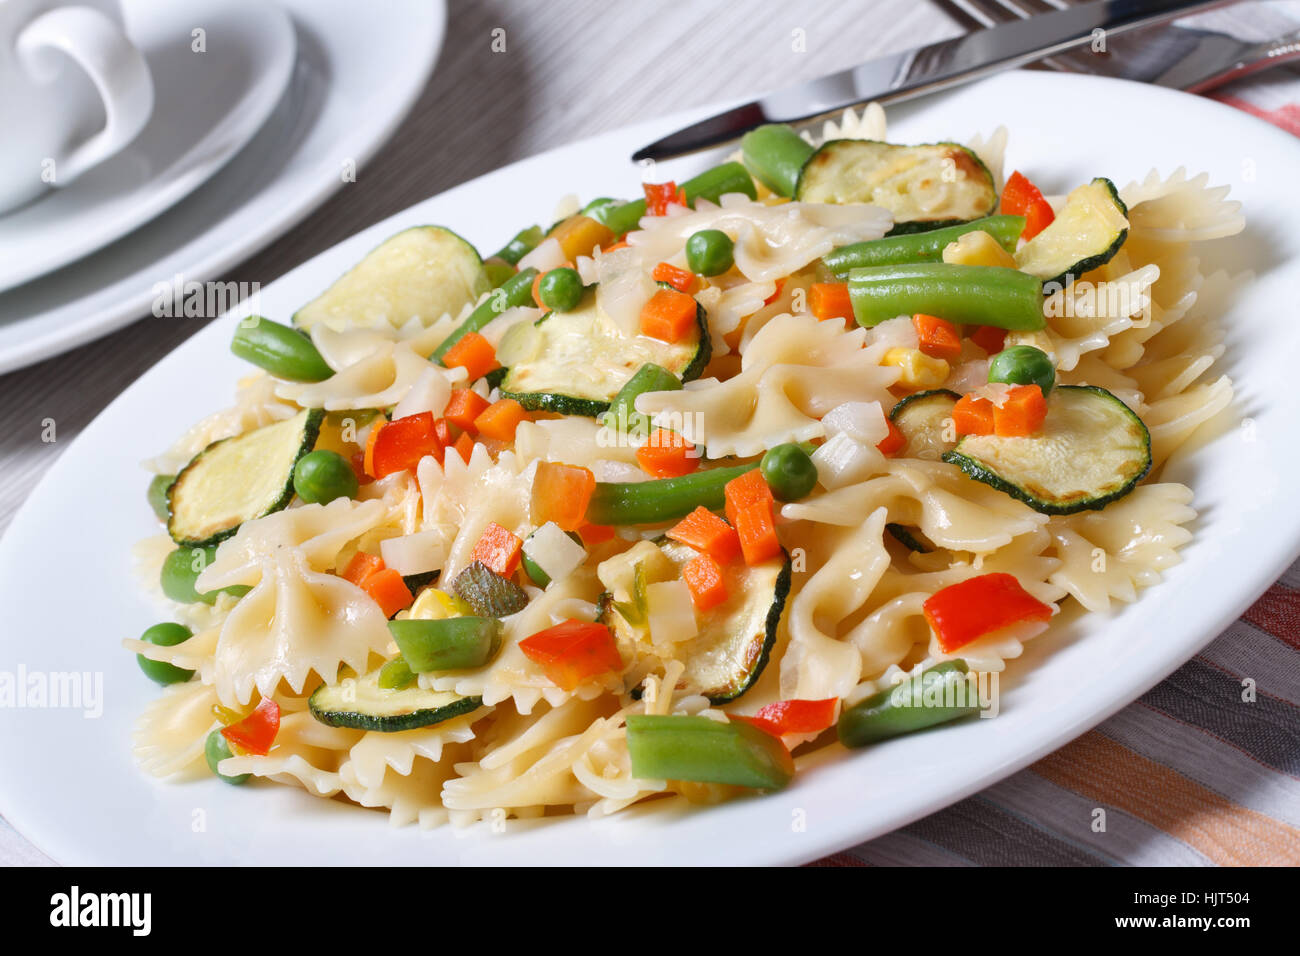 Italienische Pasta Farfalle Mit Scheiben Von Gemüse Closeup Auf